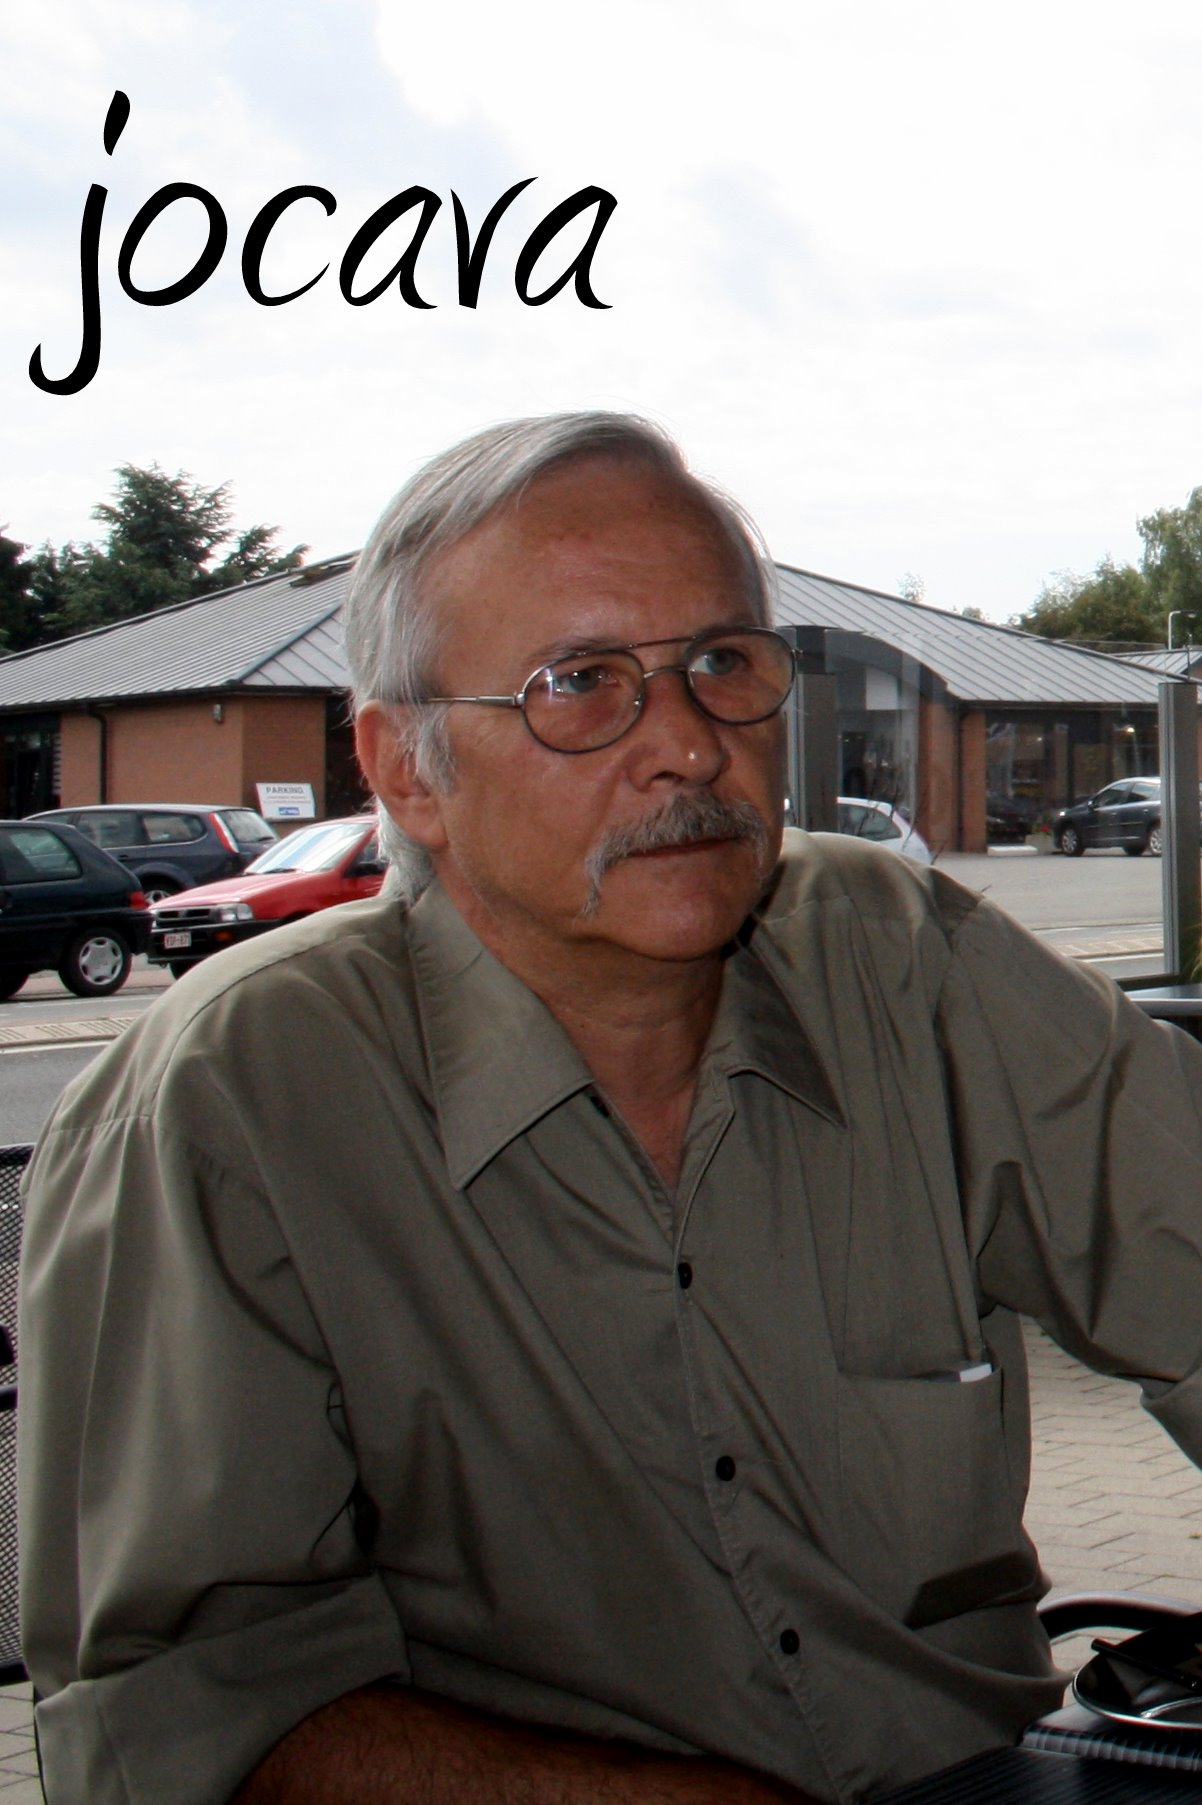 Distribution des t-shirts à Liège le 11.06.2011 1106110834151095838306511